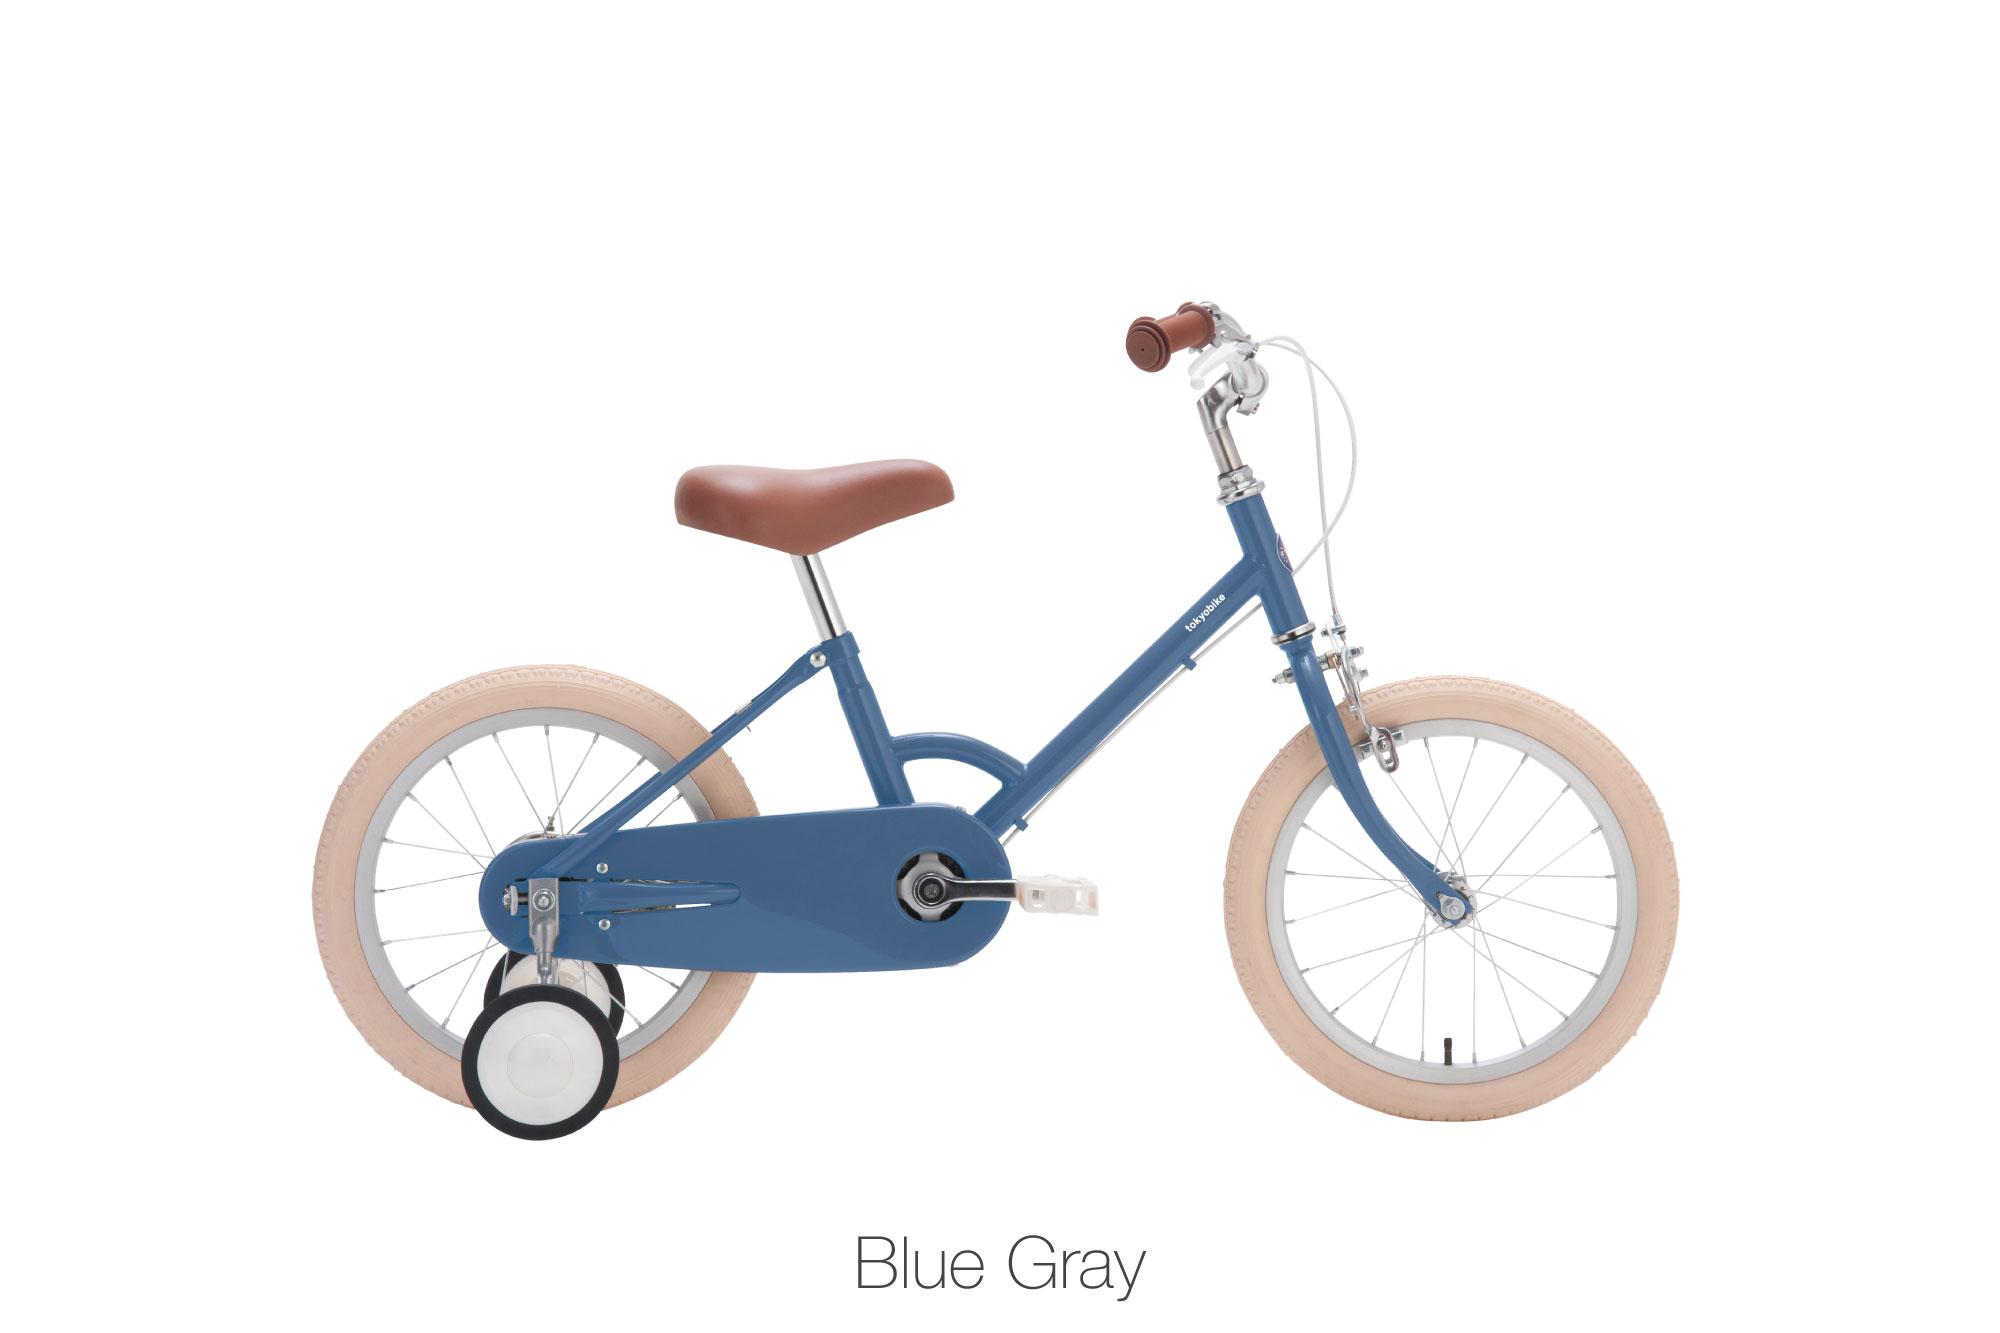 จักรยานเด็ก kid bike little tokyobike สีน้ำเงิน blue gray